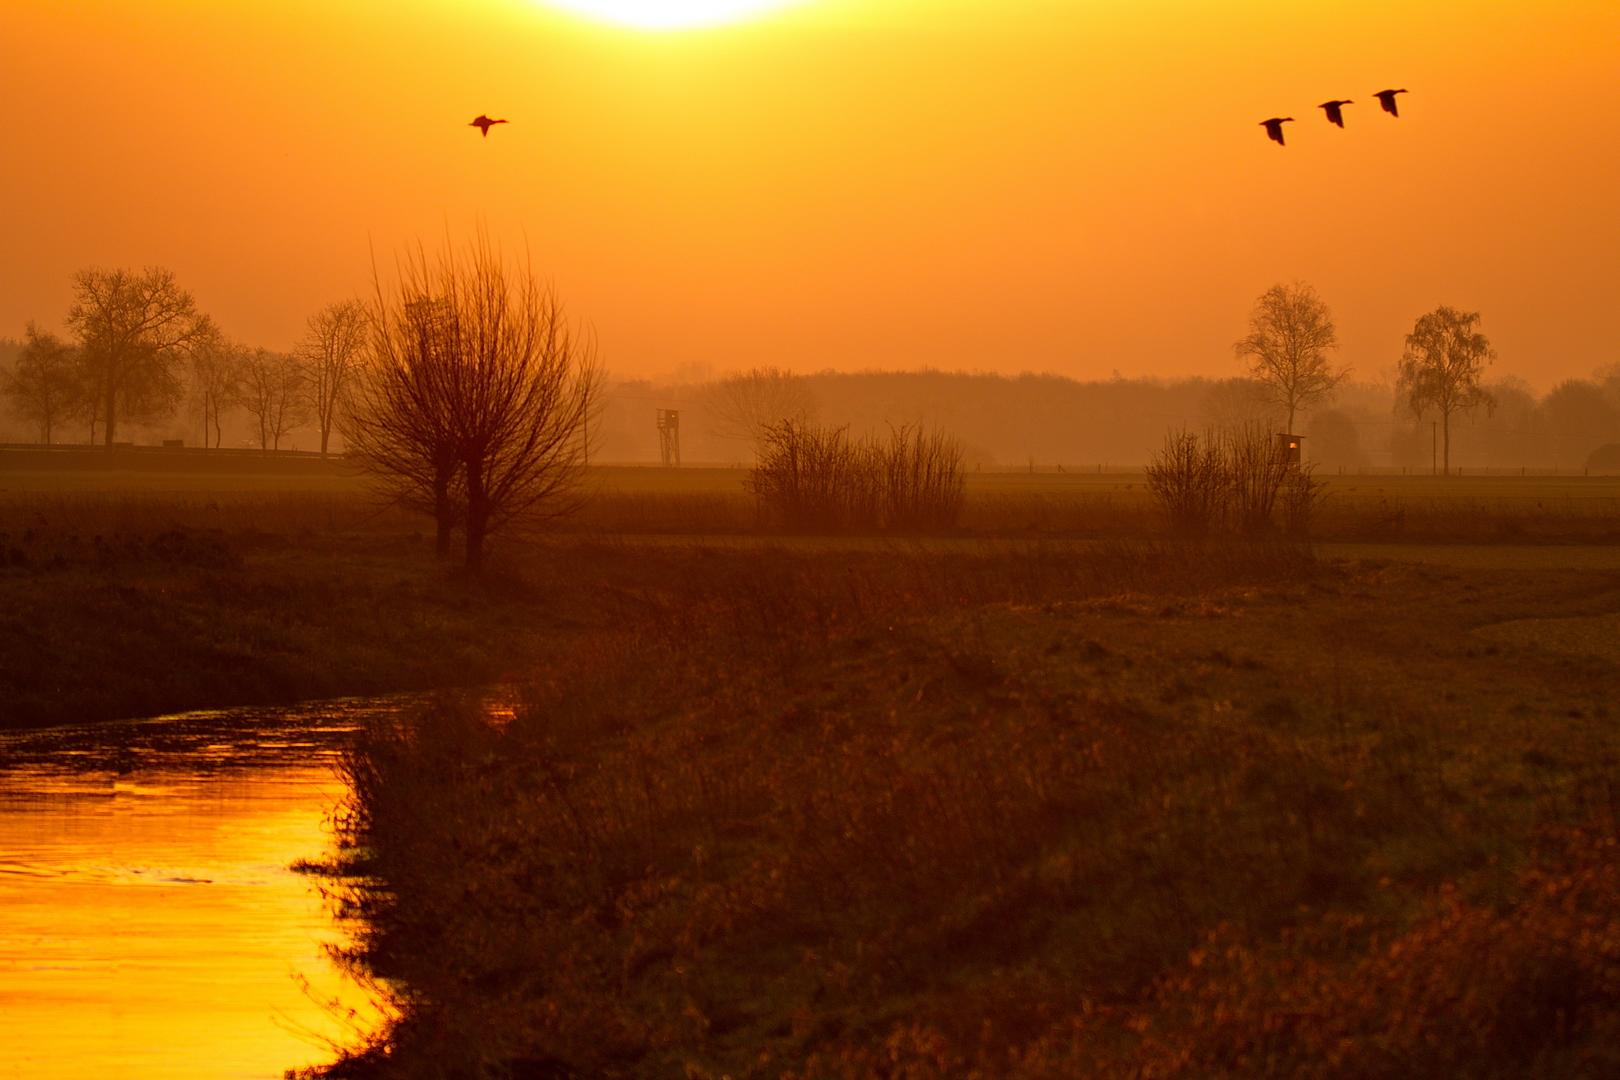 Sonnenaufgang in Merfeld, Januar 2020.